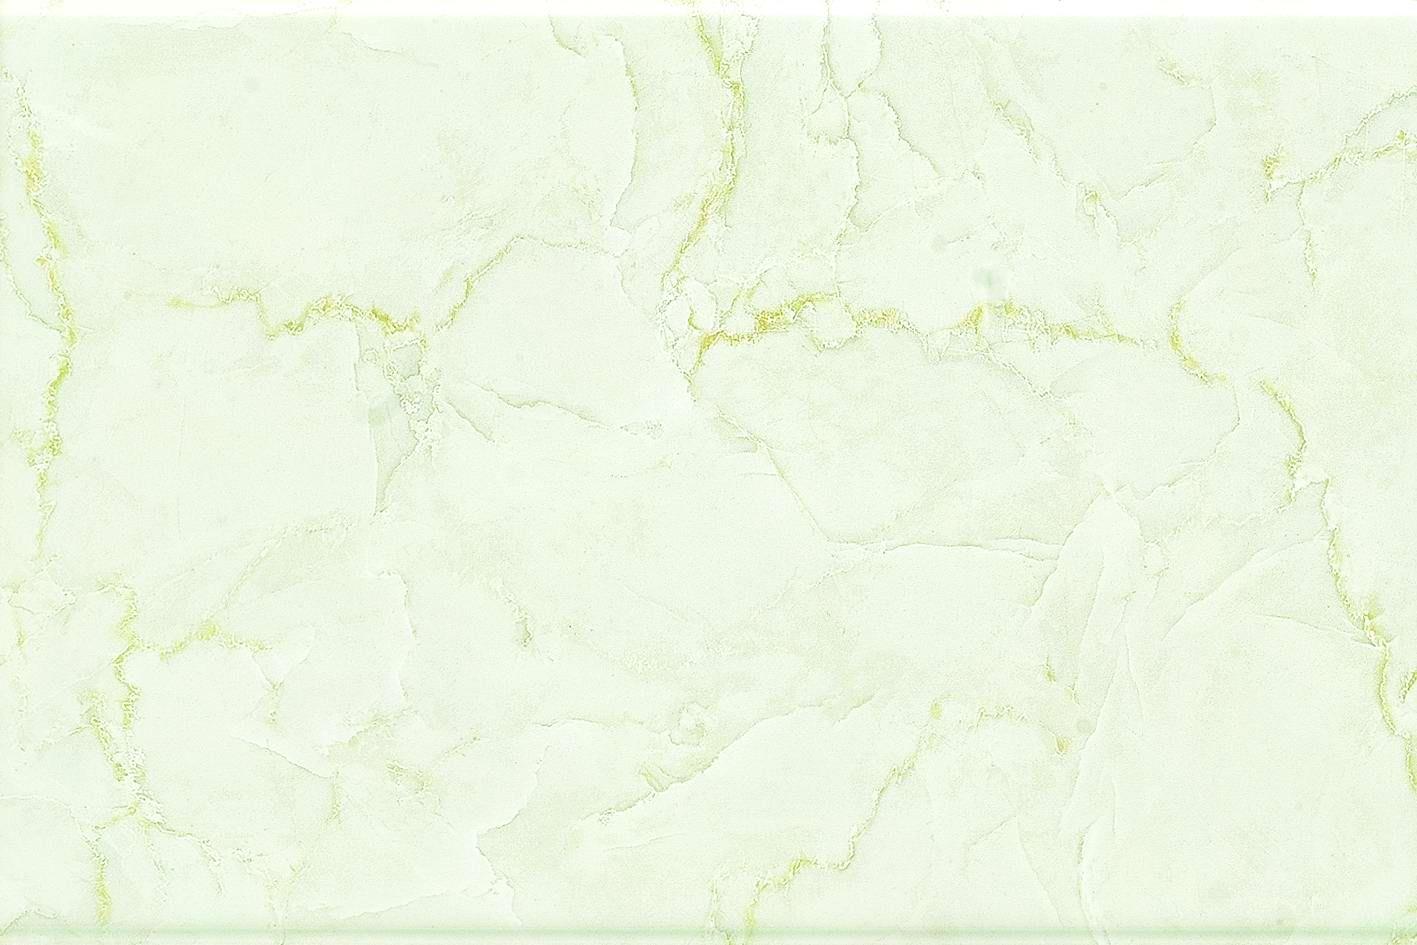 立体高清晶彩之作 雪狼陶瓷以世界最先进的数码喷墨科技,专业写真般还原瓷砖的高清晰、高质感、立体造型等效果,效果堪称之最,使瓷砖不只是瓷砖,而是划时代的晶彩之作。 喷墨打印瓷片是目前市场上最高端的釉面砖产品。 1. 高清(HD)。此技术可实现多角度、高致密性上釉,使瓷砖的清晰度也更强,是普通釉面砖产品清晰度的6倍,高达360dpi(点/英寸),纹理层次更好,清晰度更高,纤毫可见。 2.